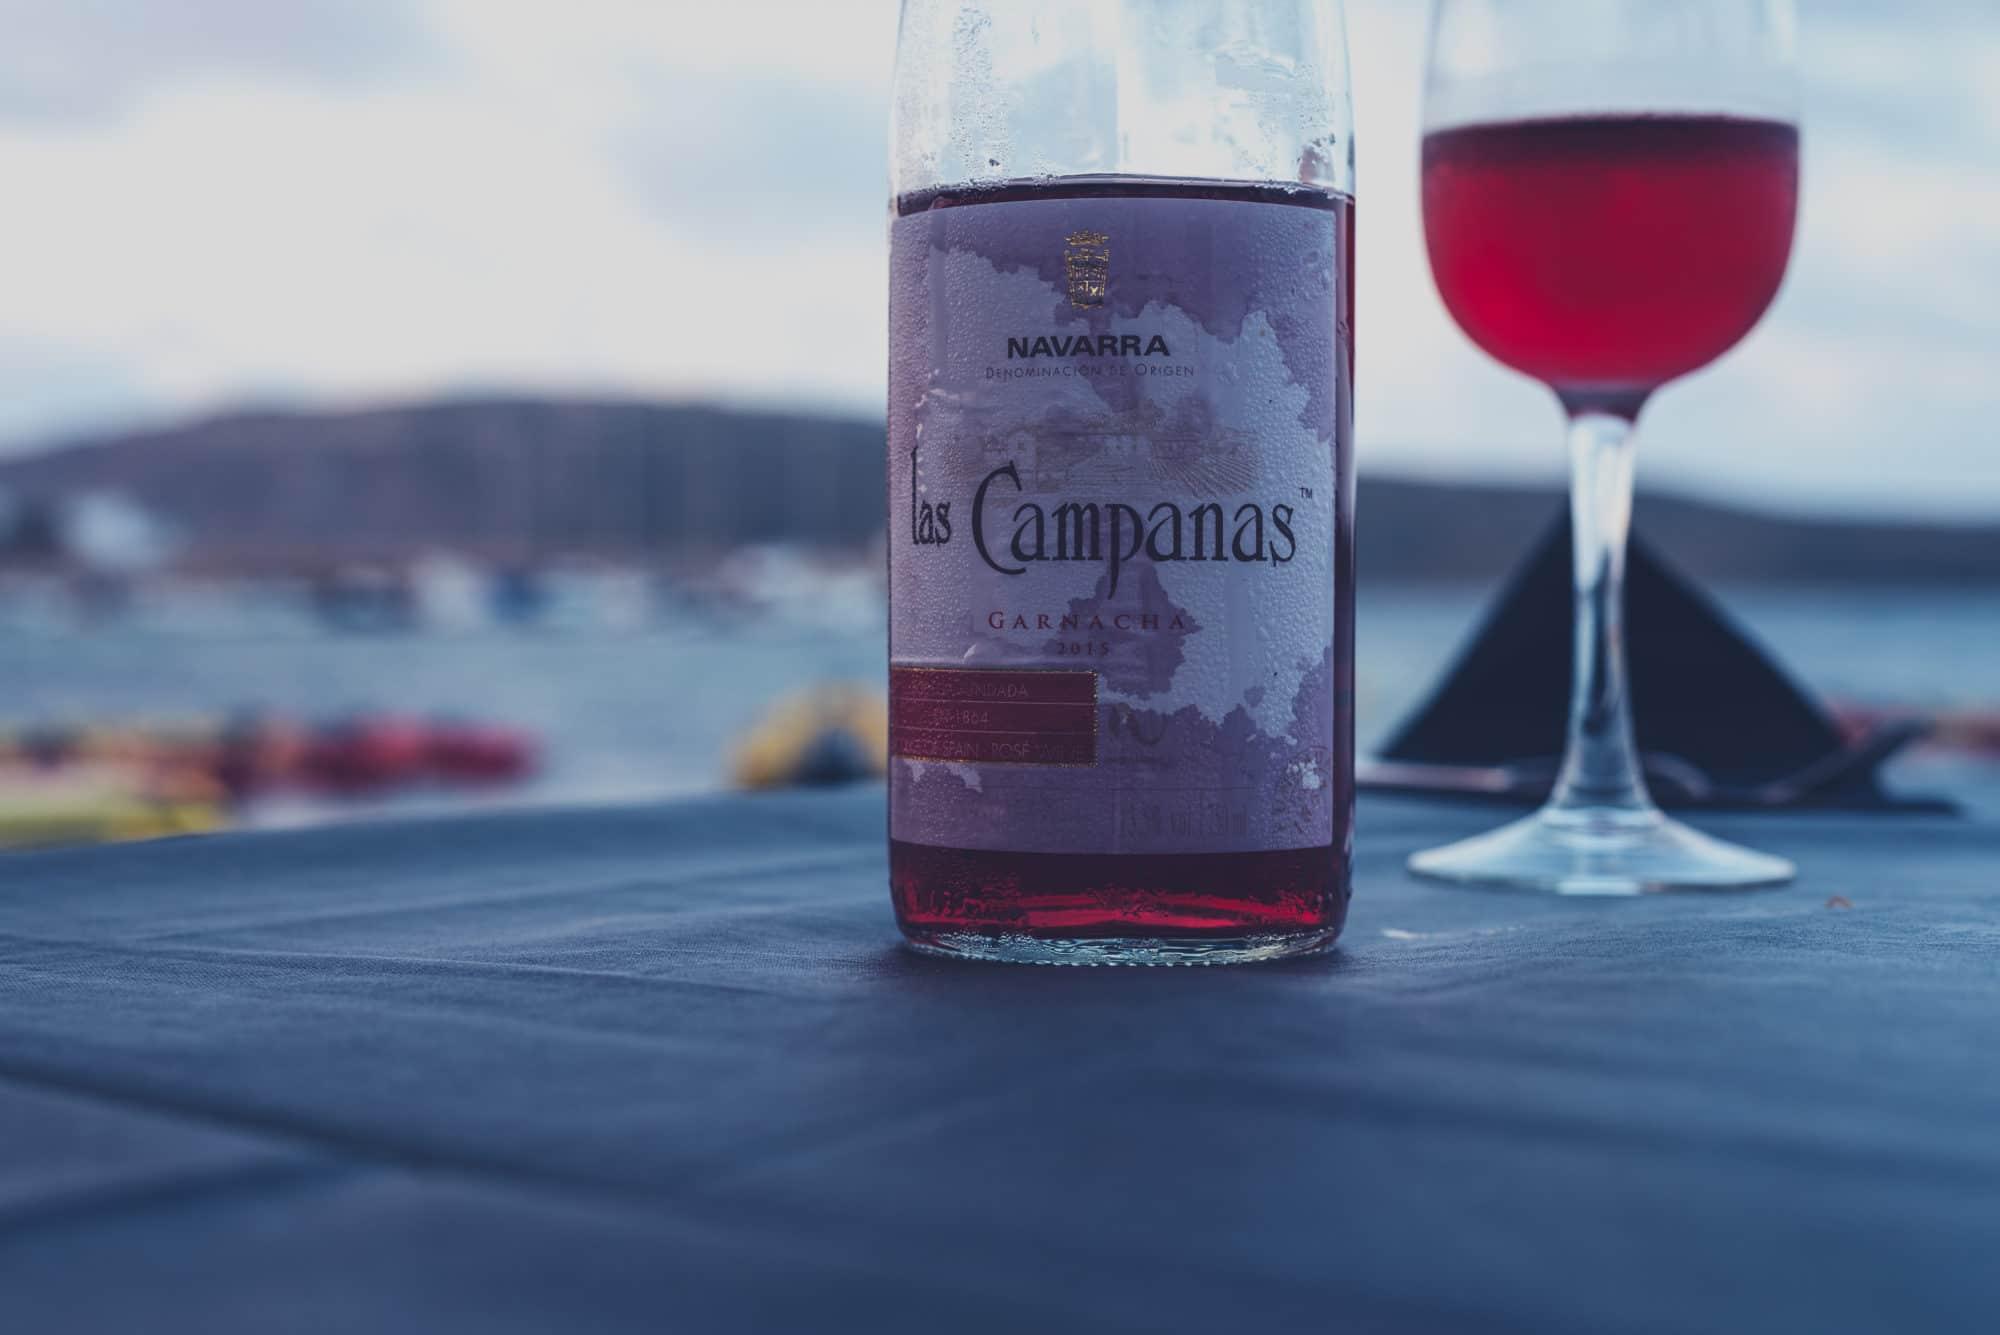 Garnacha Spanish wine regions